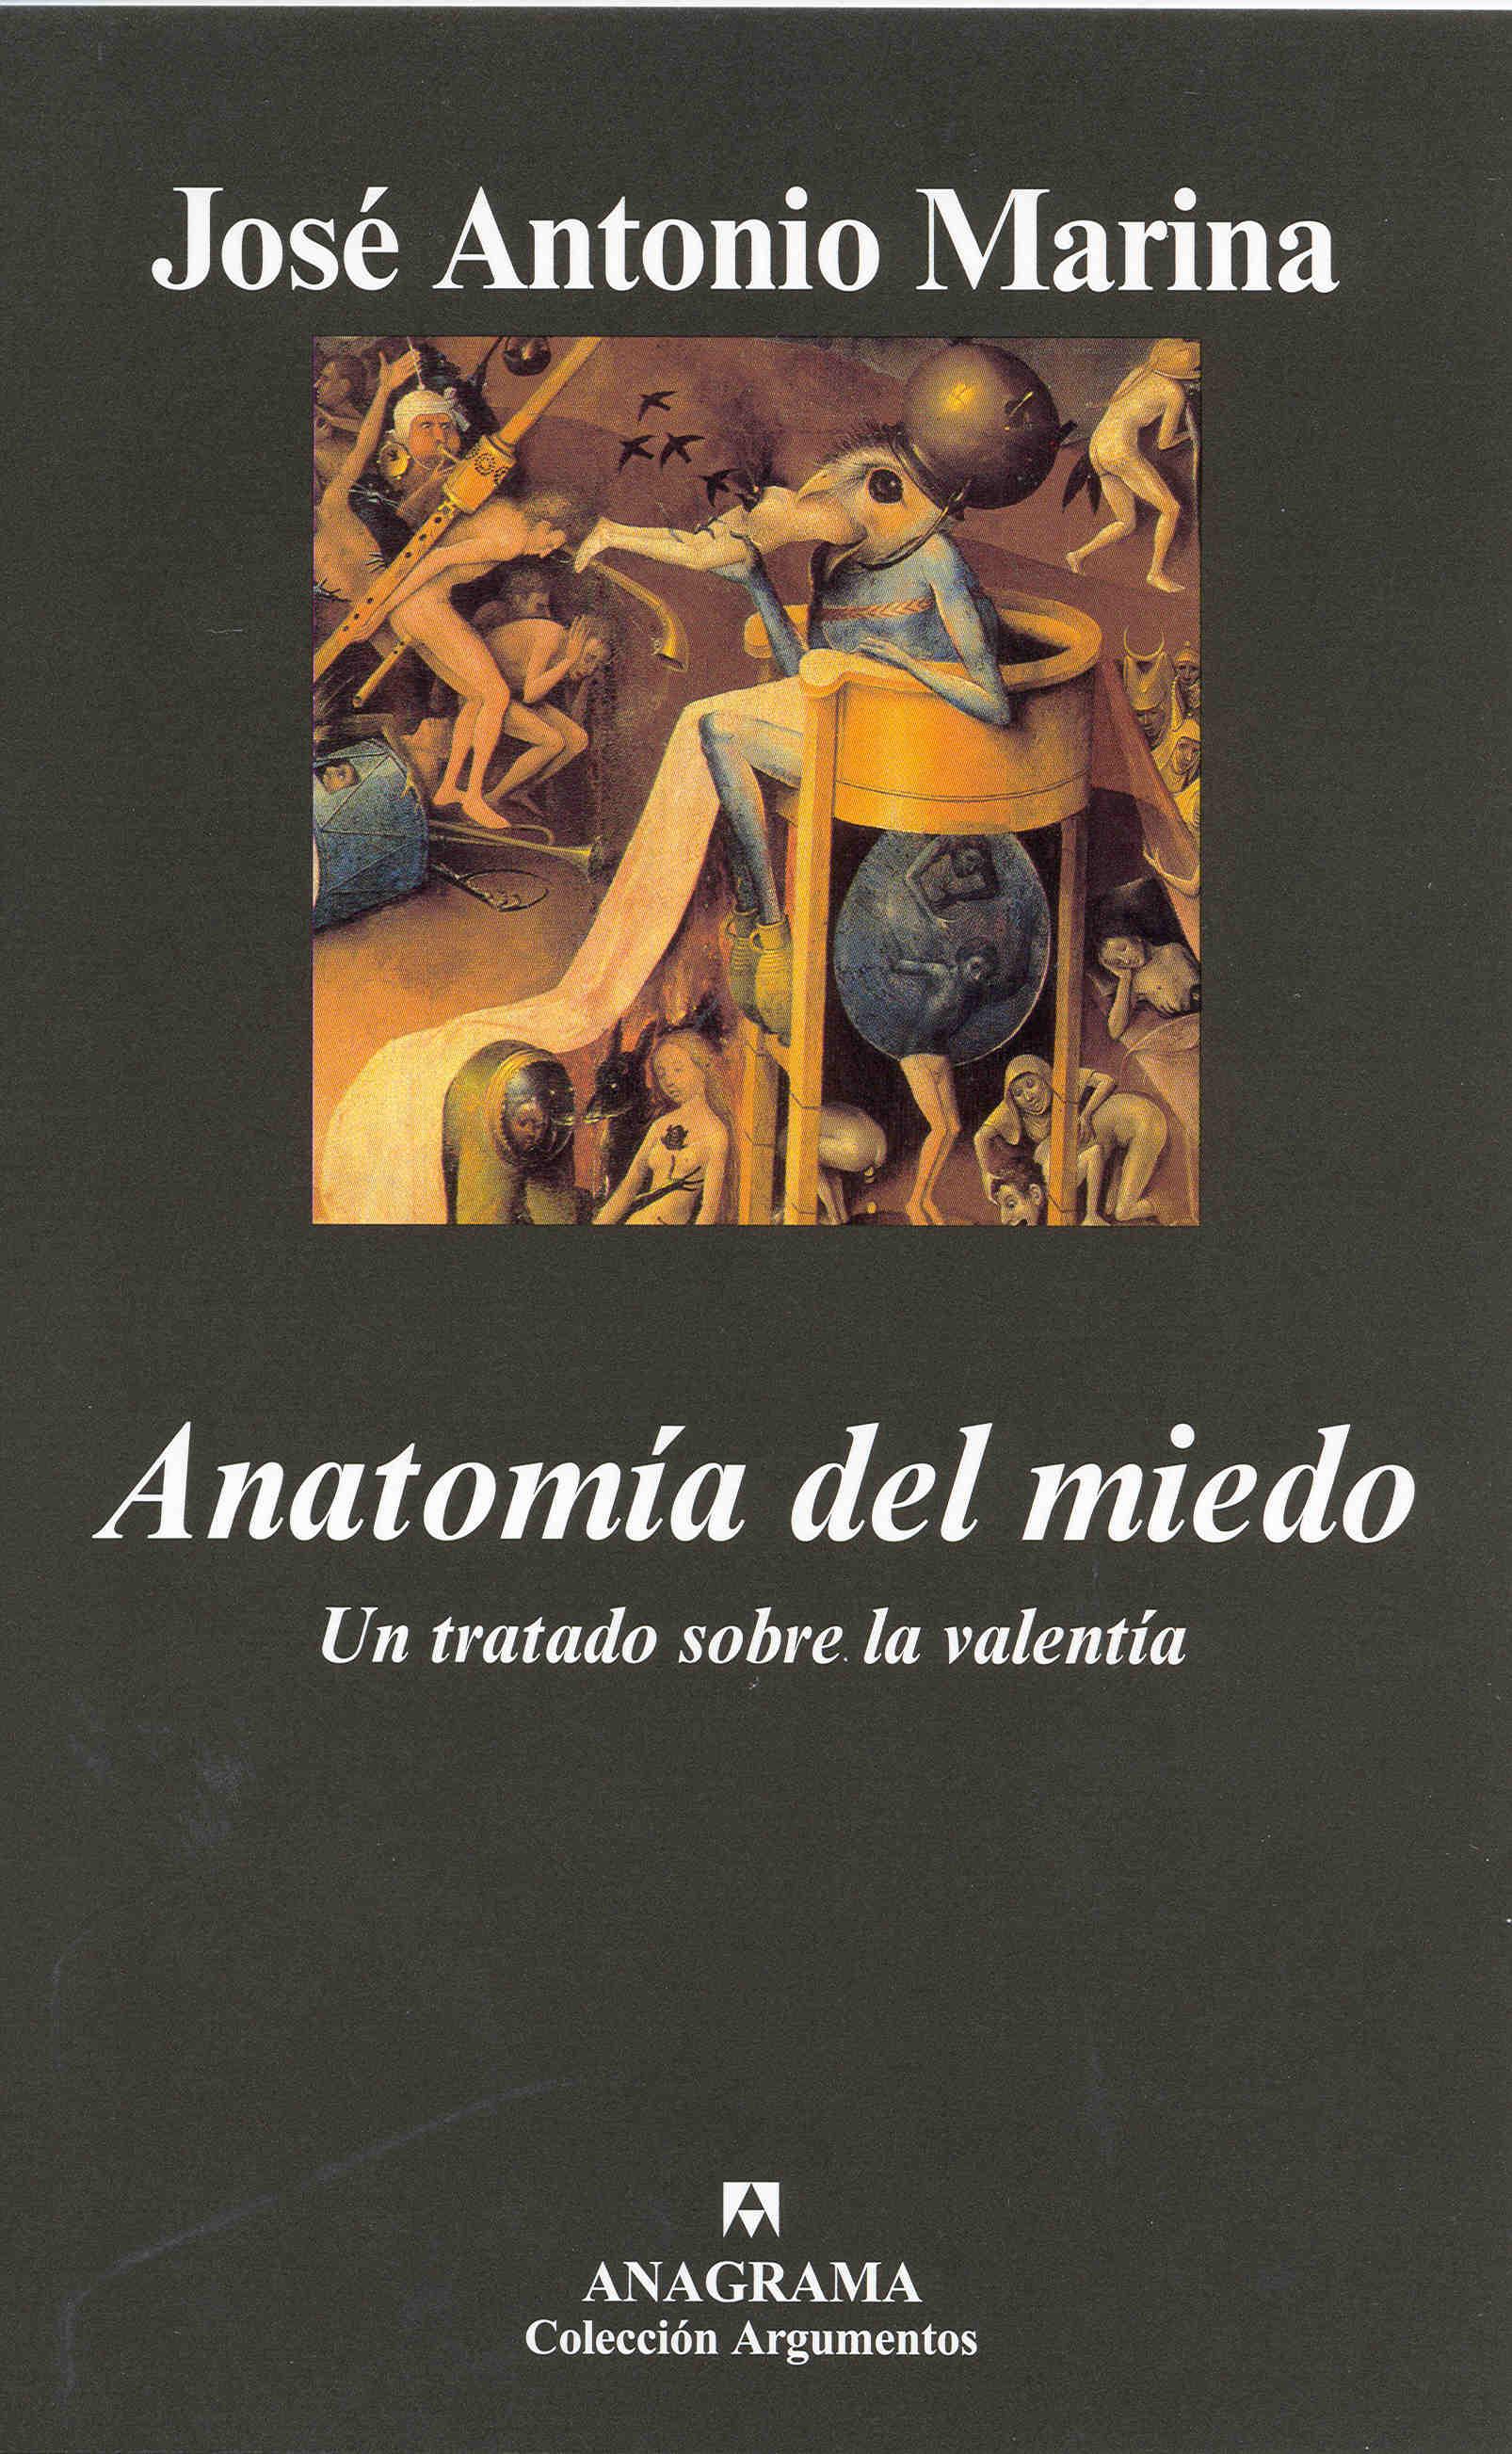 Anatomía del miedo - Editorial Anagrama